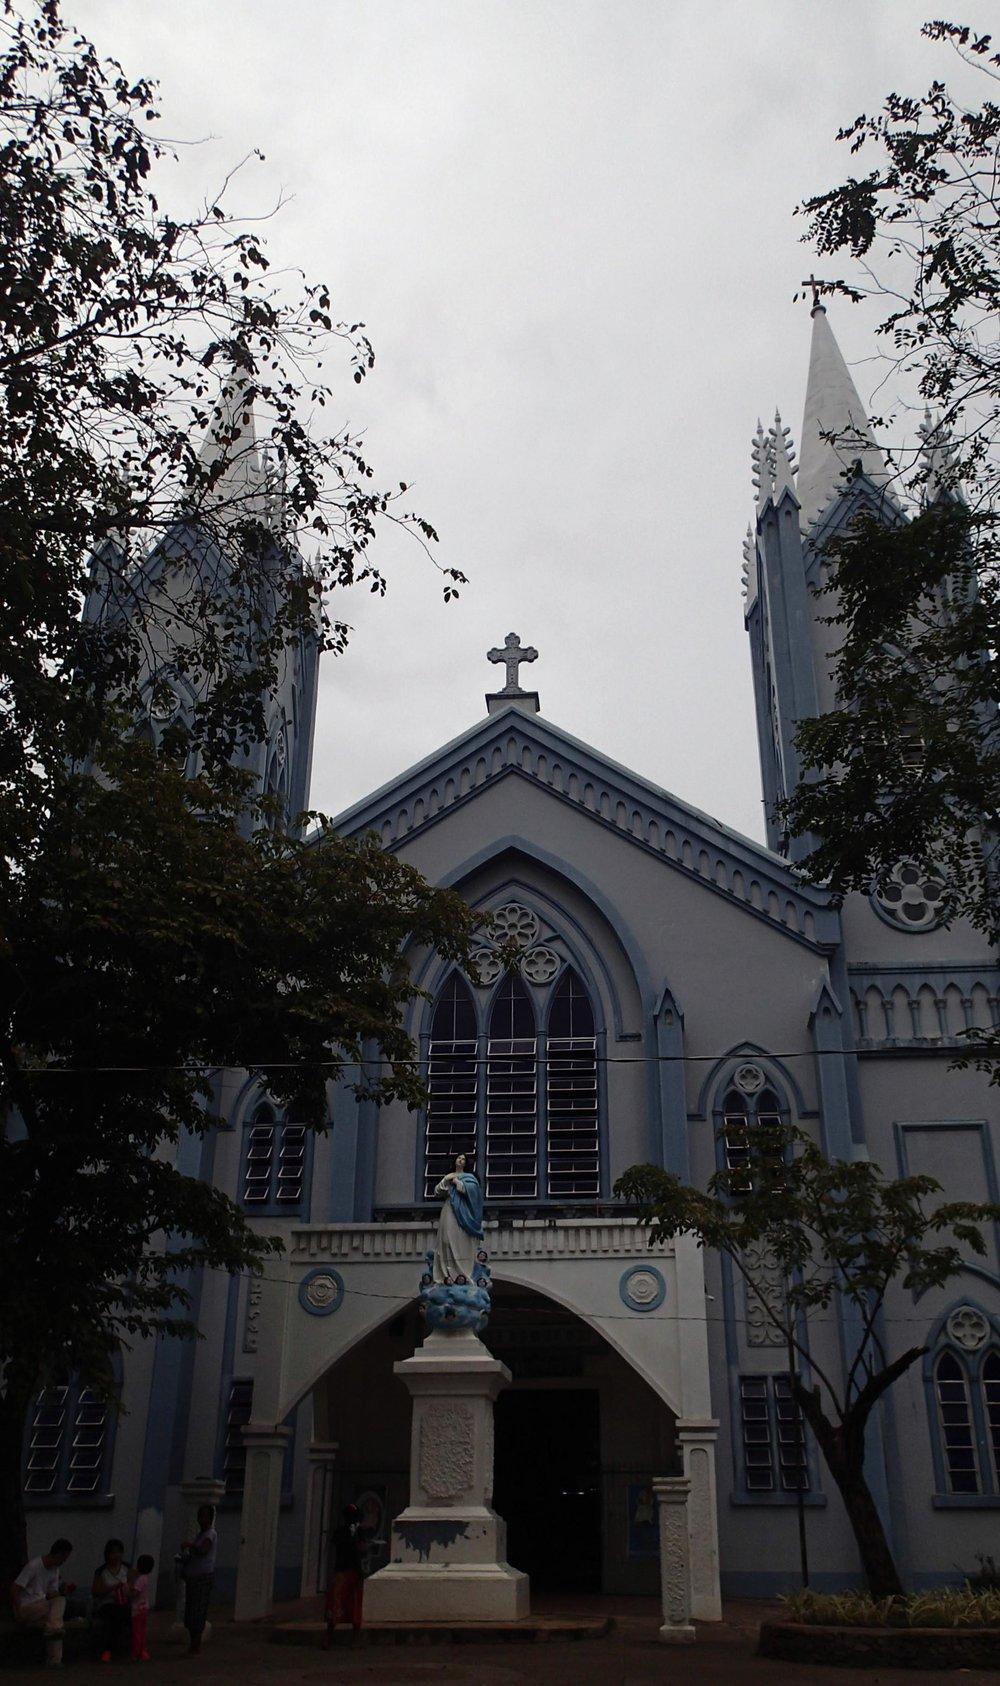 gloomy cathedral shot.jpg